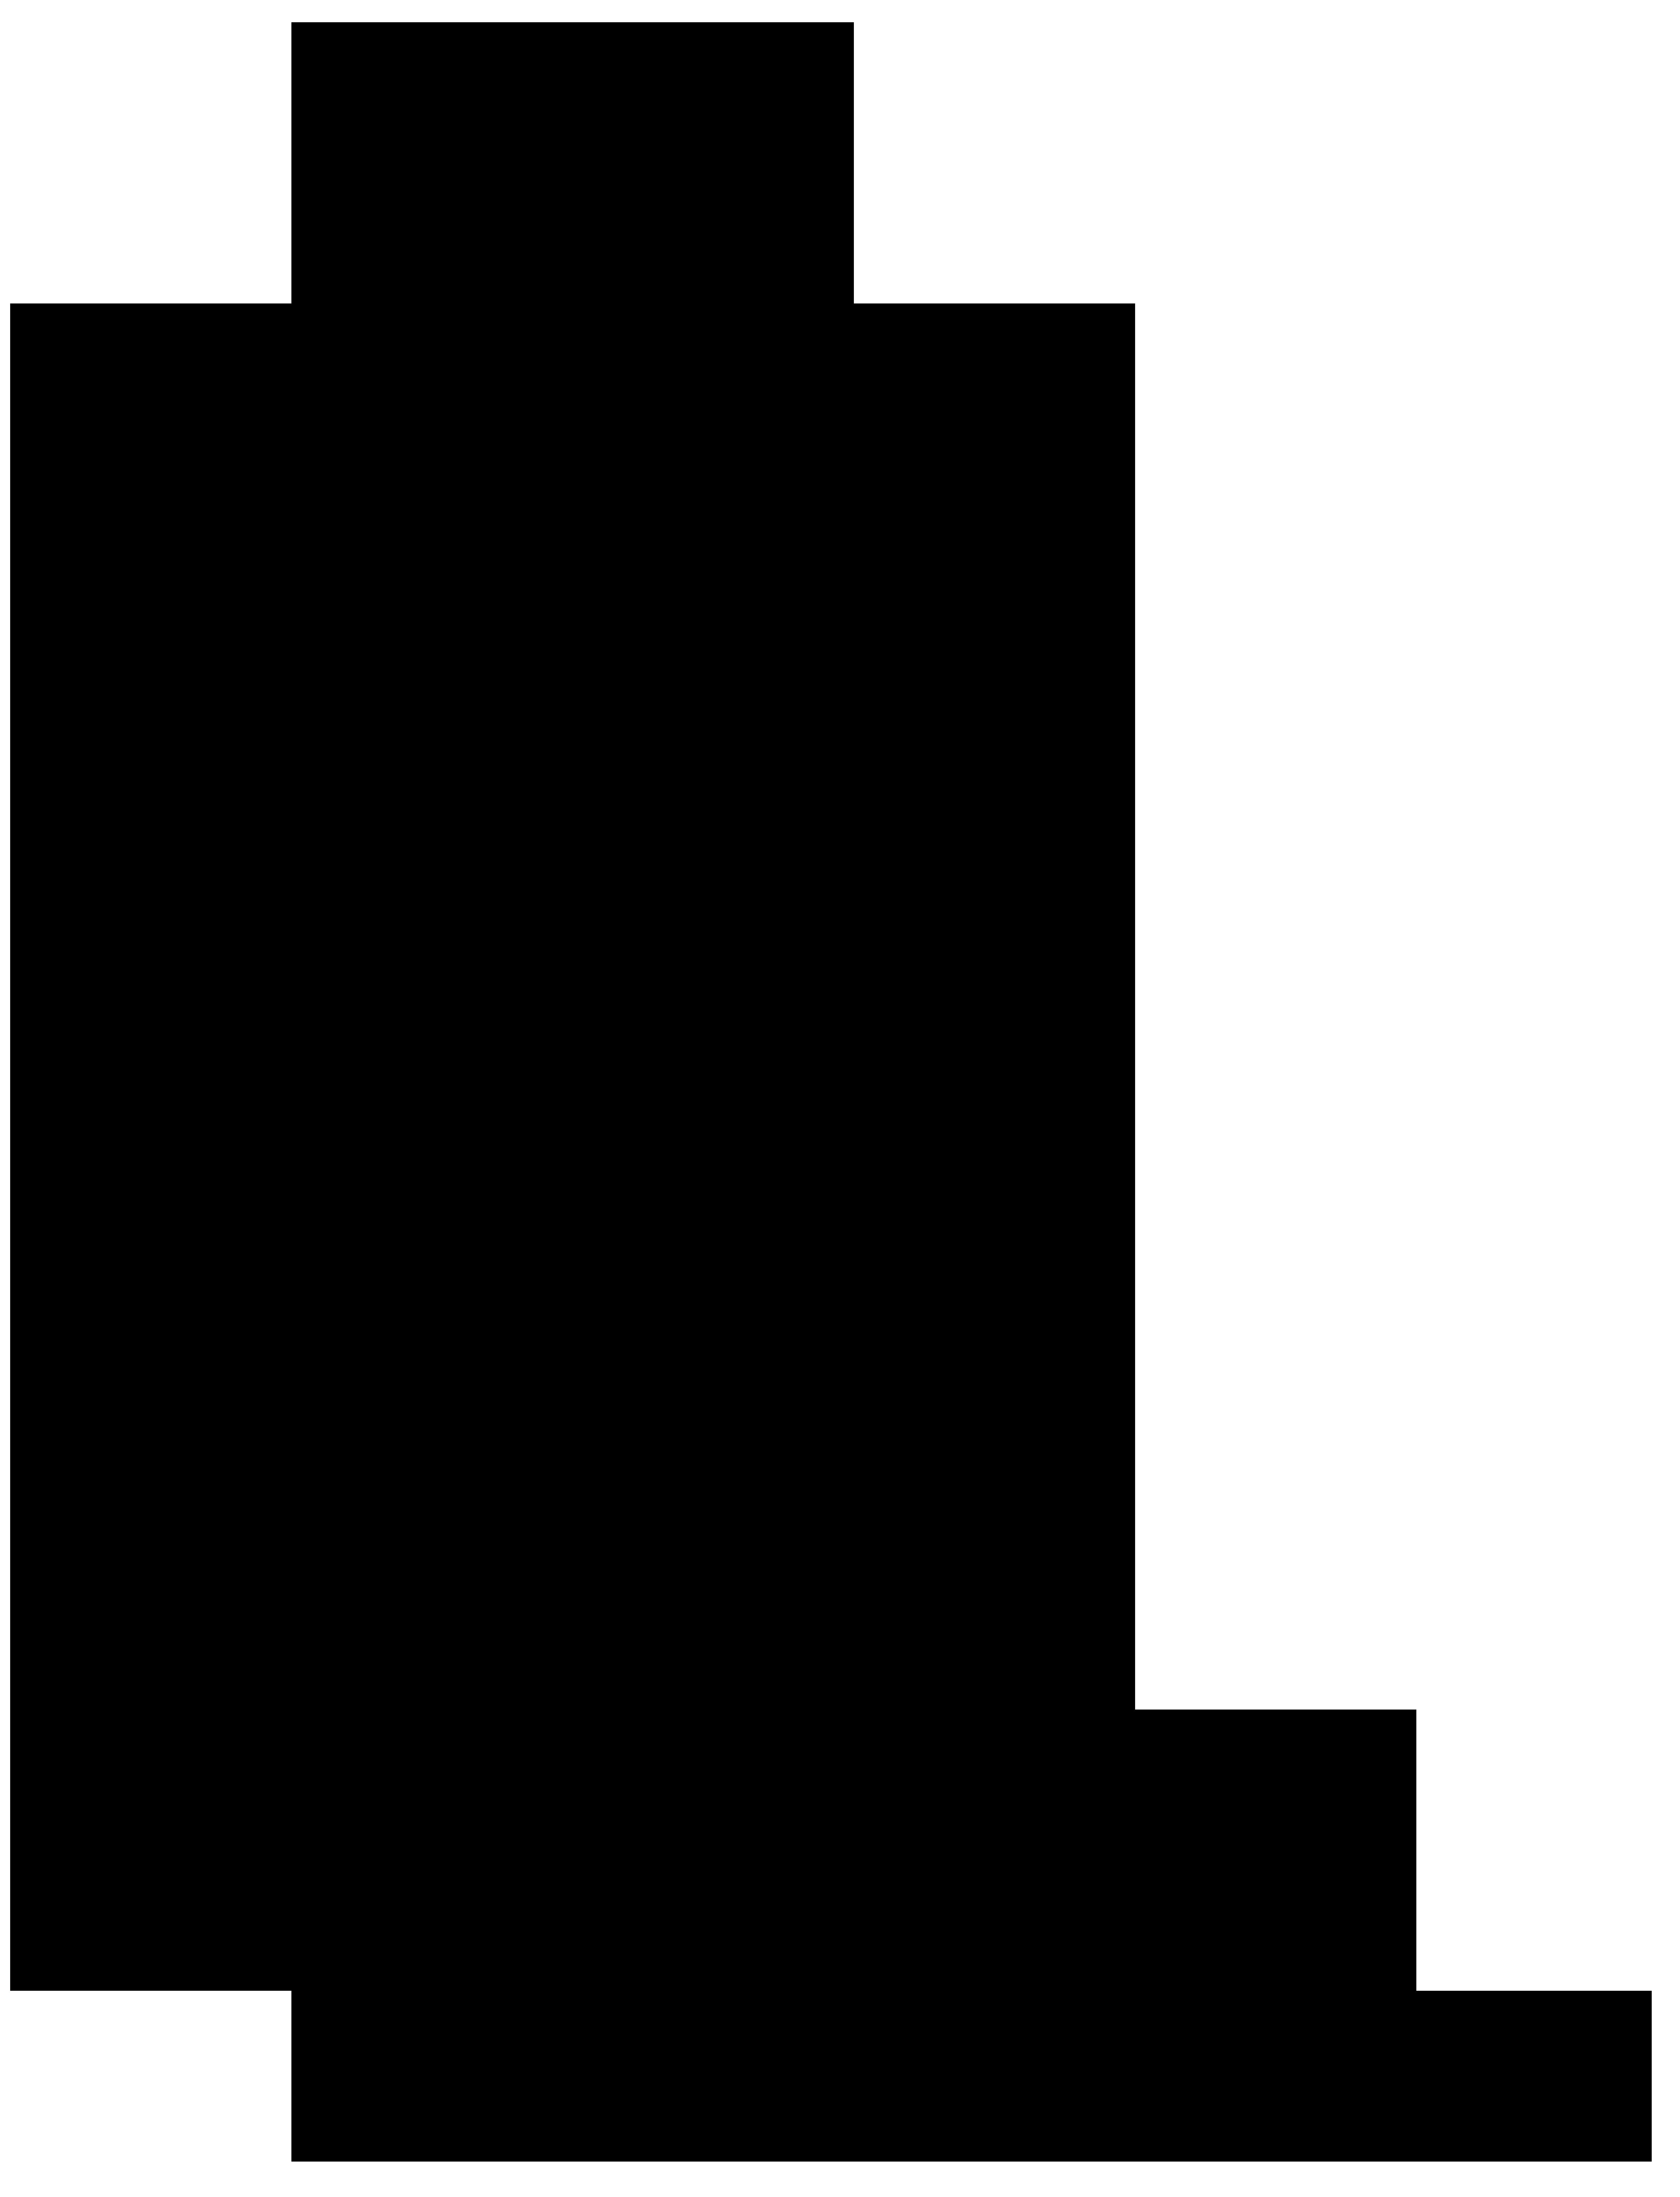 Parrot clipart silhouette. Clip art png image